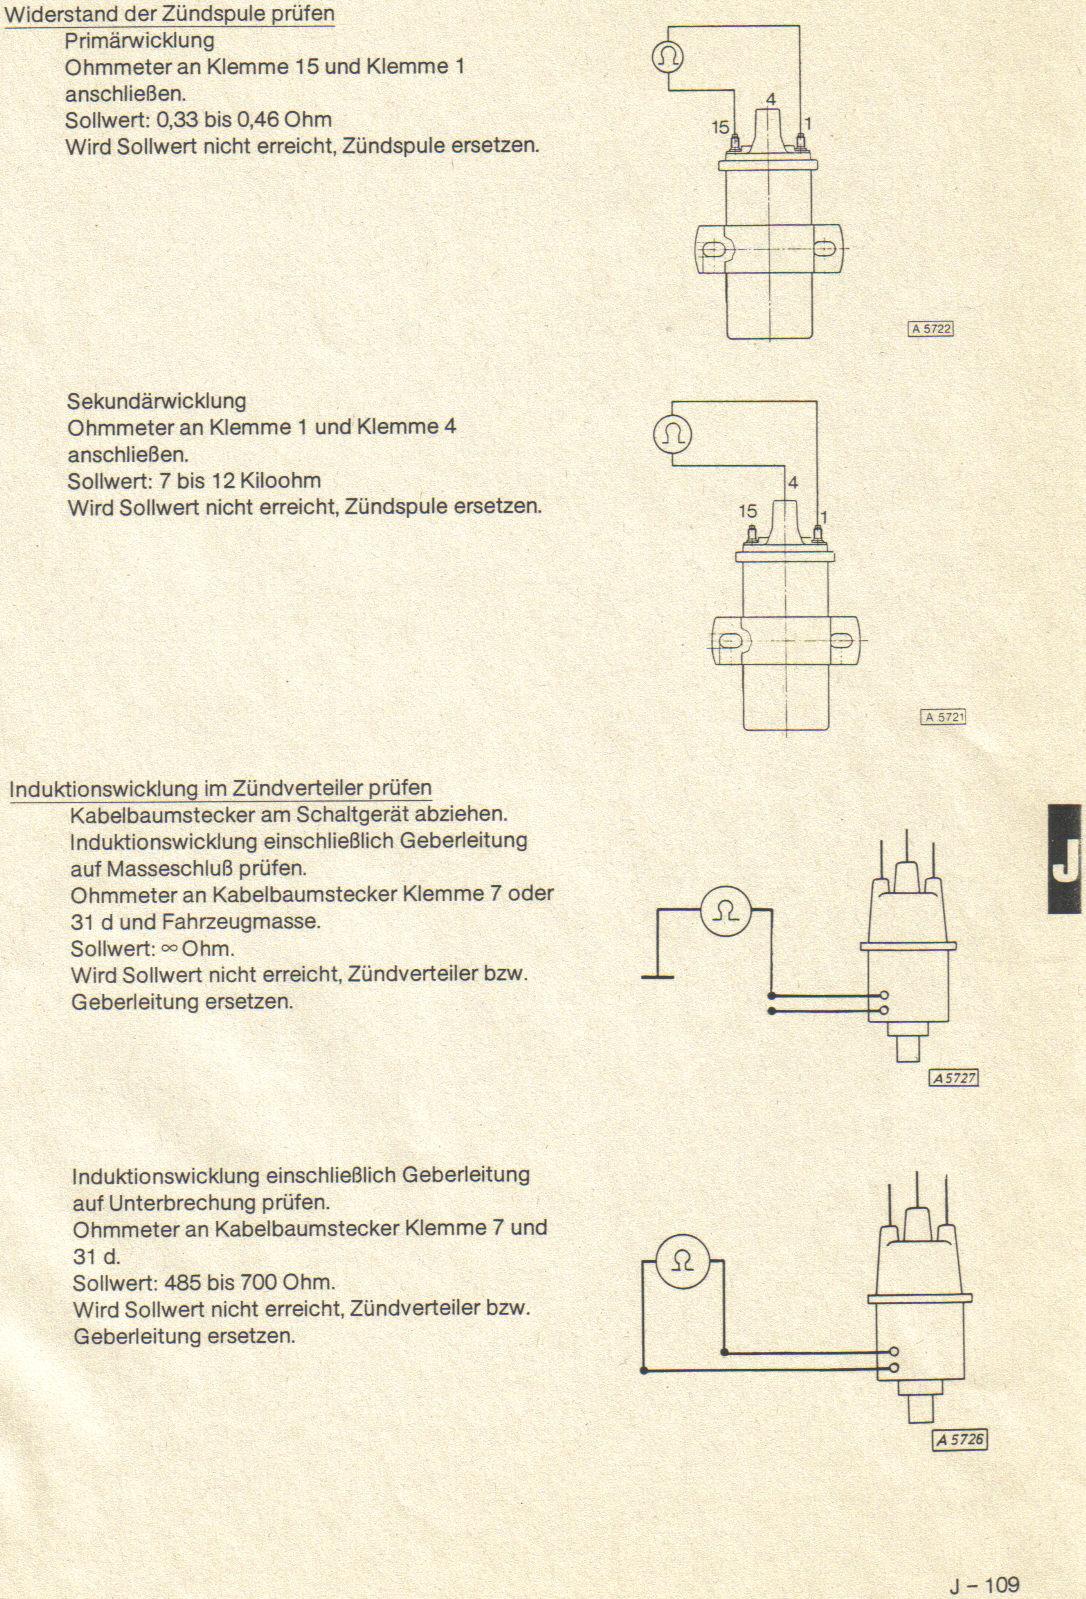 Ungewöhnlich Chrysler Zündspule Schaltplan Galerie - Die Besten ...